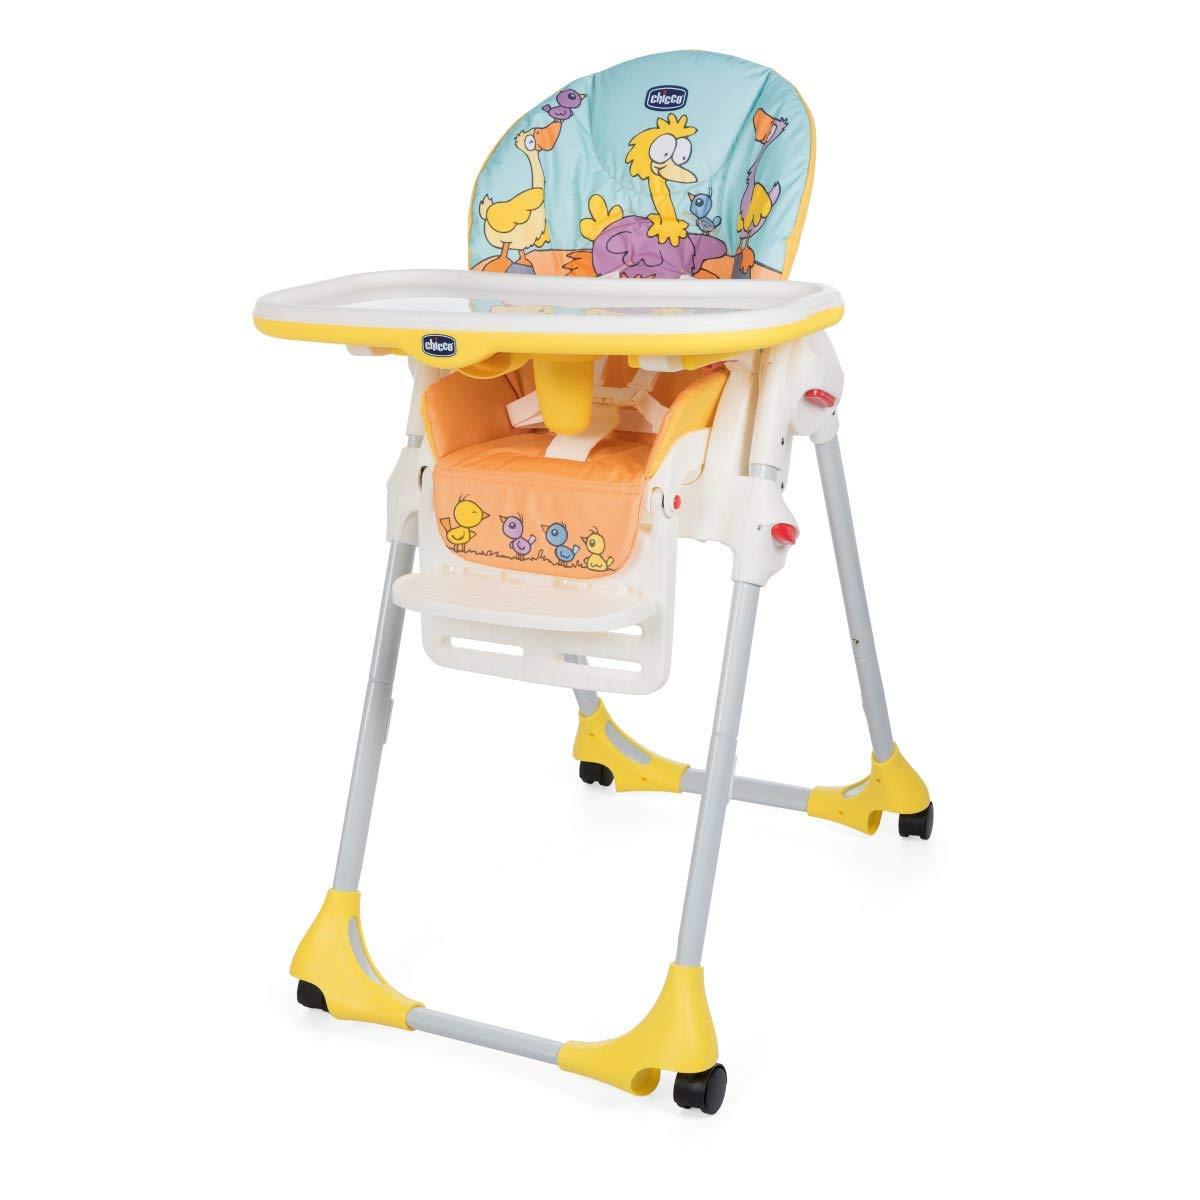 Chicco Polly Easy - Trona amplia, compacta y sencilla, 4 ruedas, para niños de 0 a 3 años, color amarillo (Birdland)